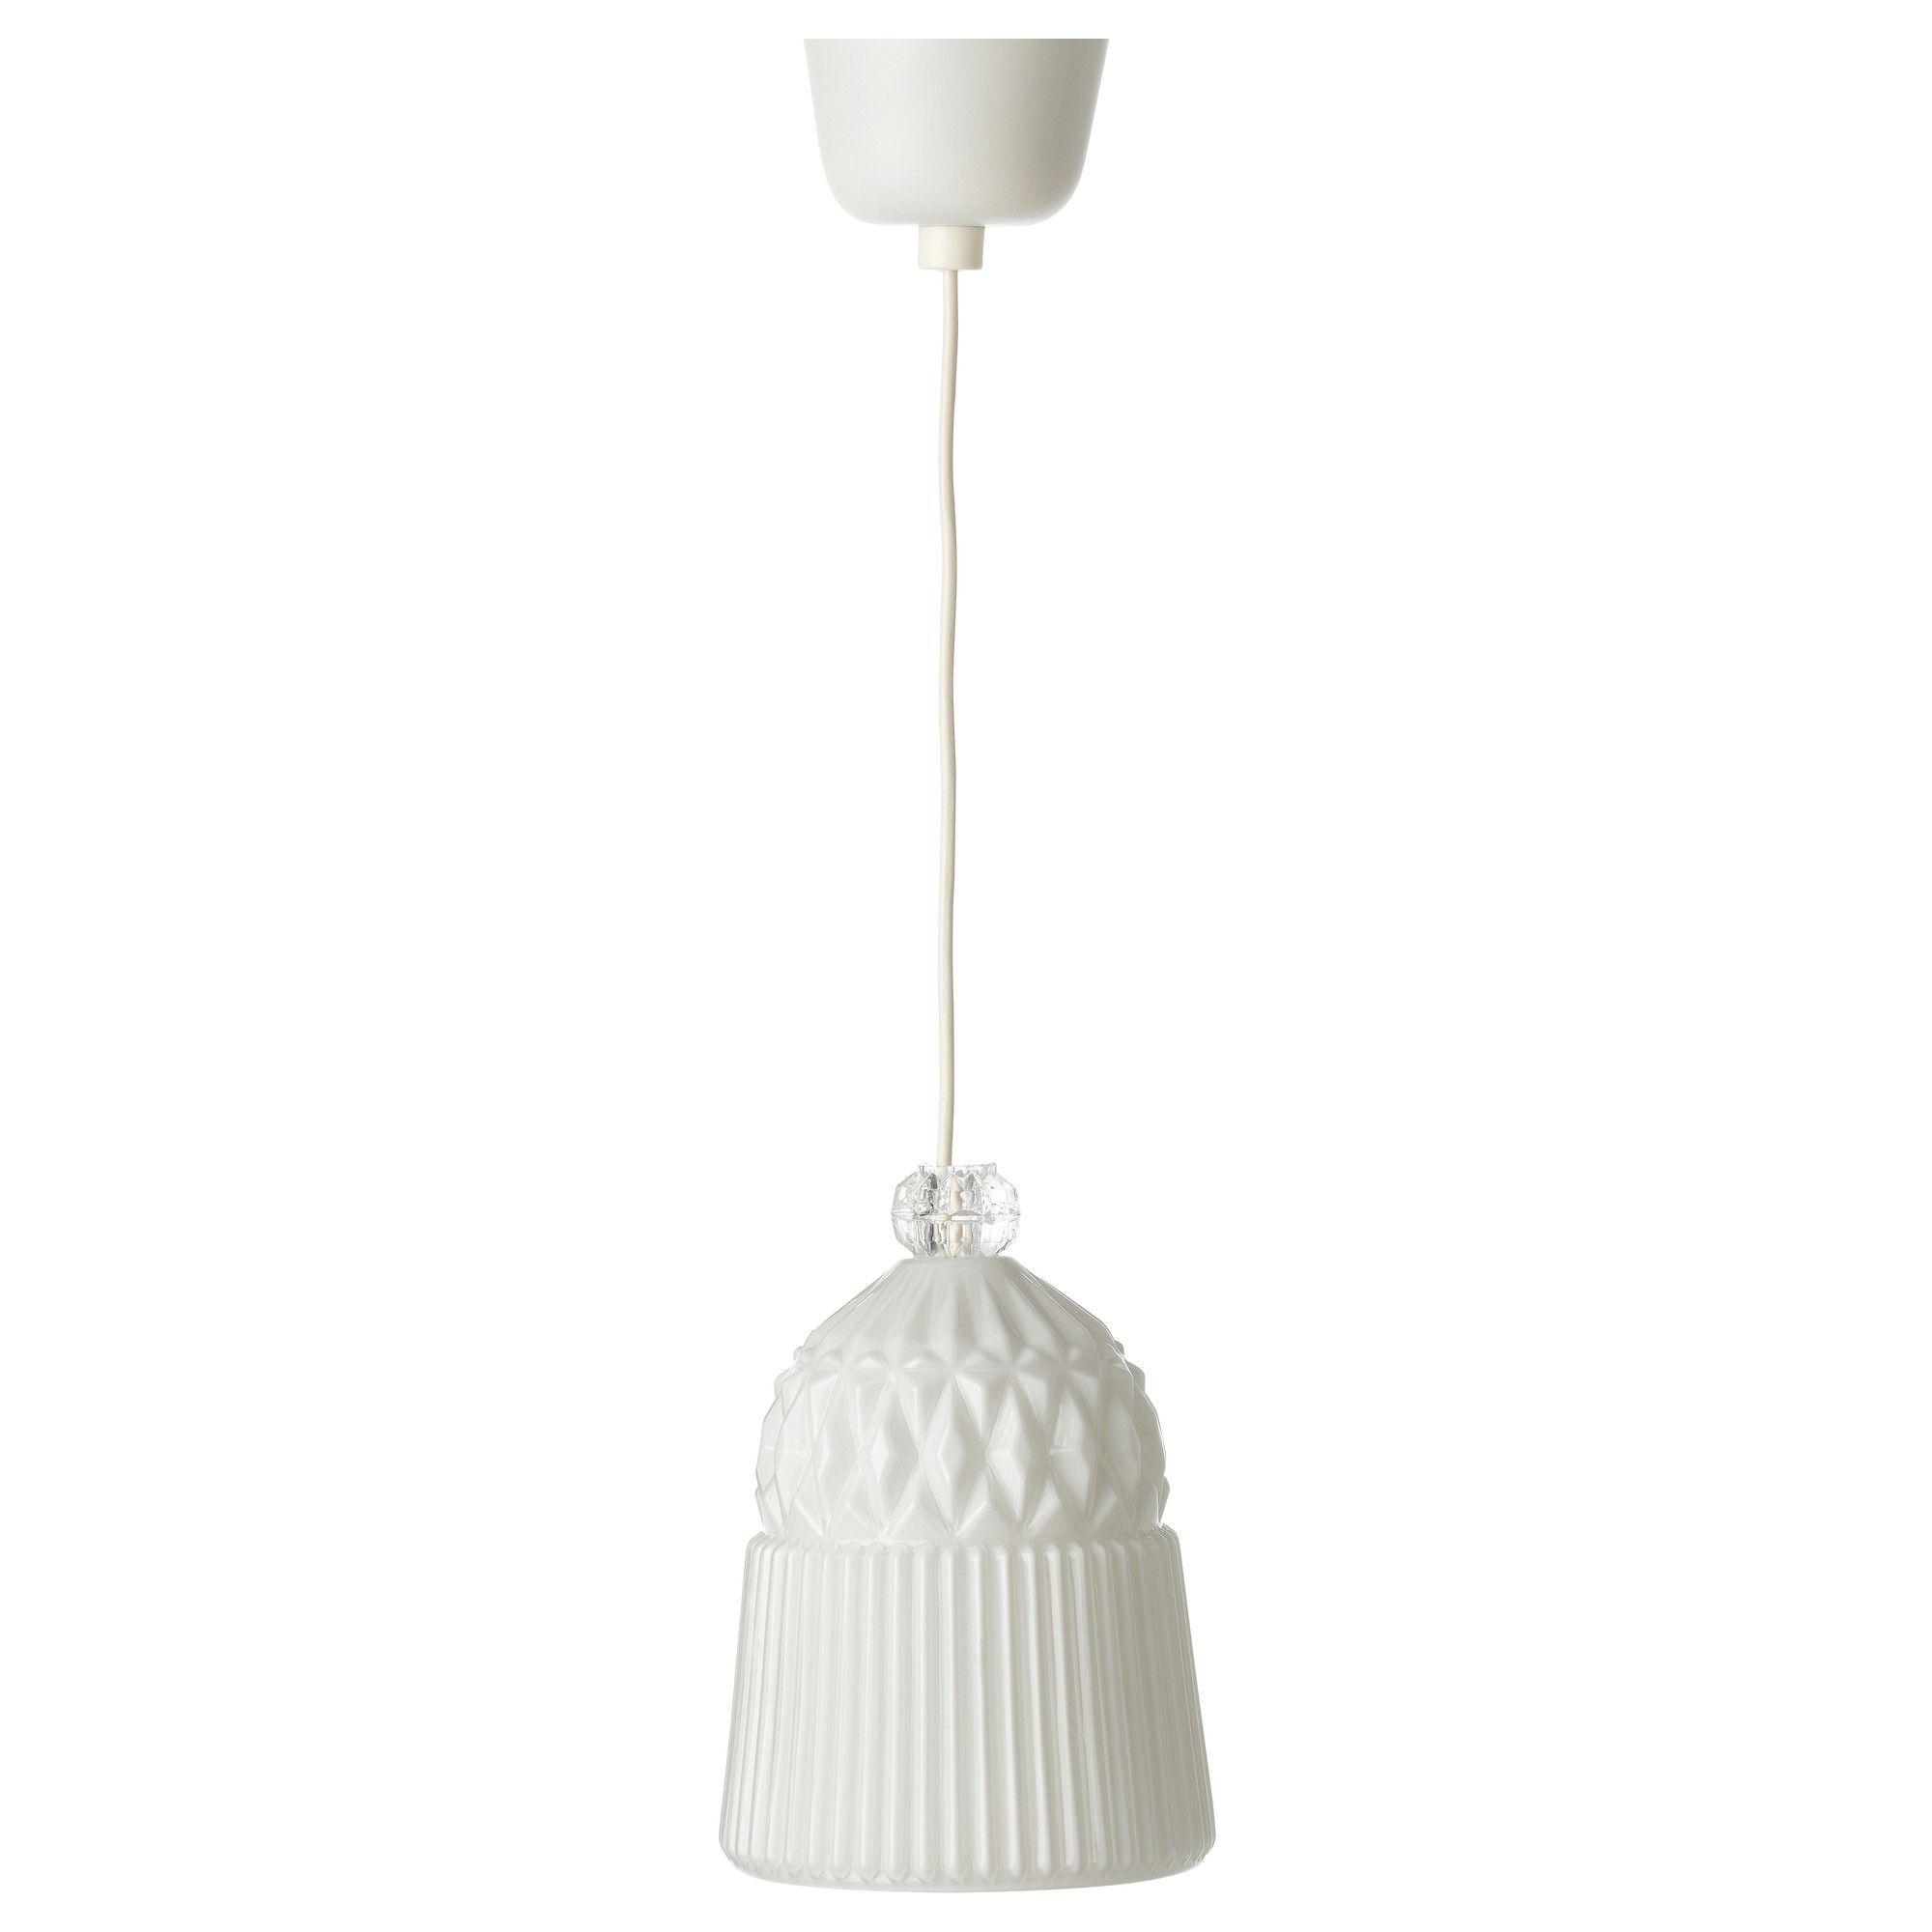 VANADIN Taklampe - IKEA